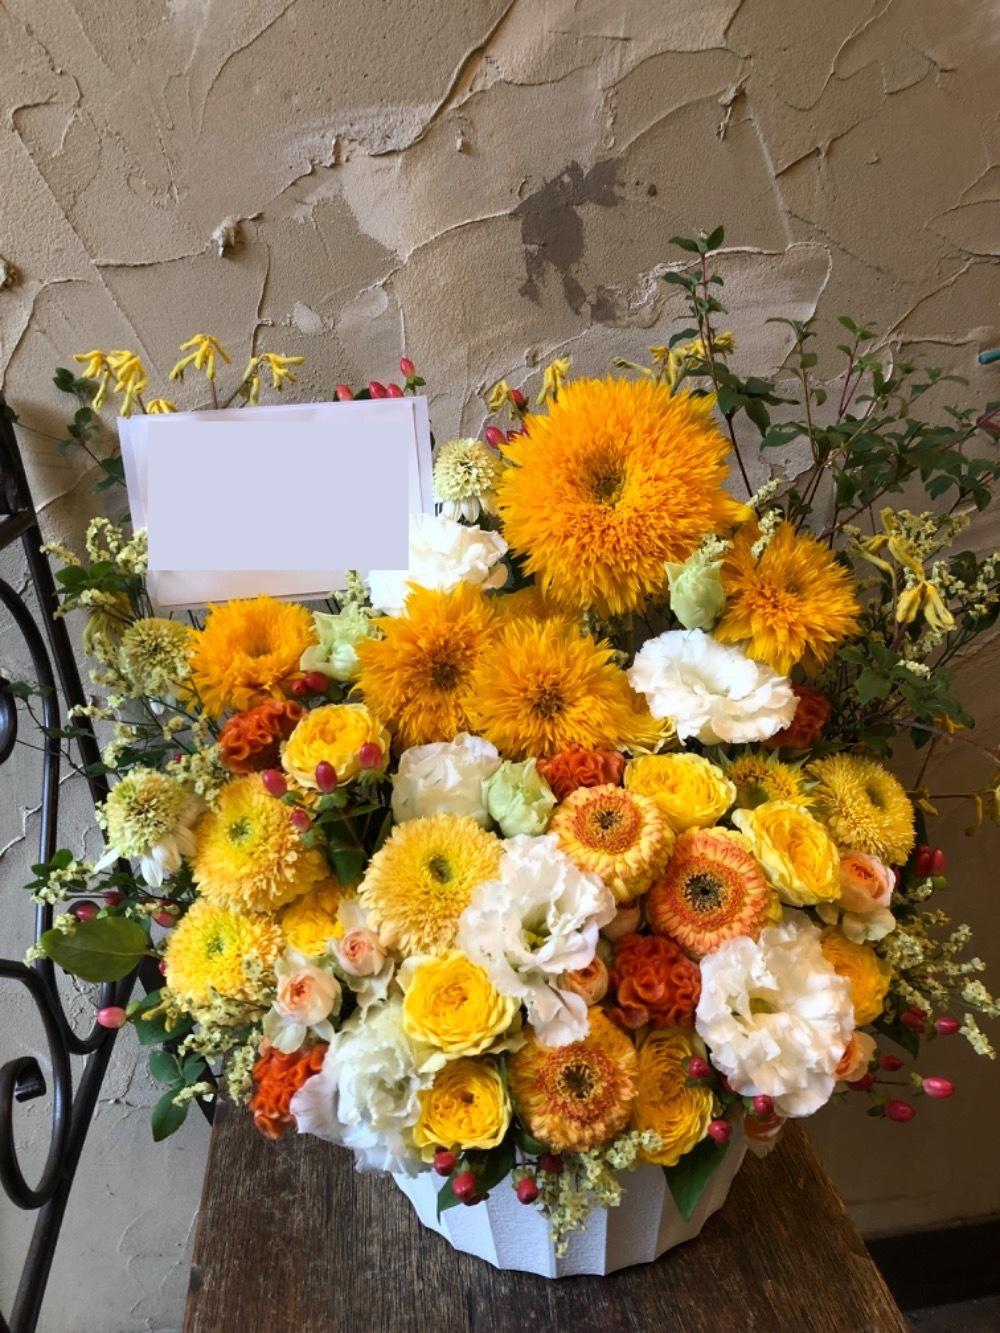 「お届け先様のイメージで」黄色い花々が美しい移転祝い花